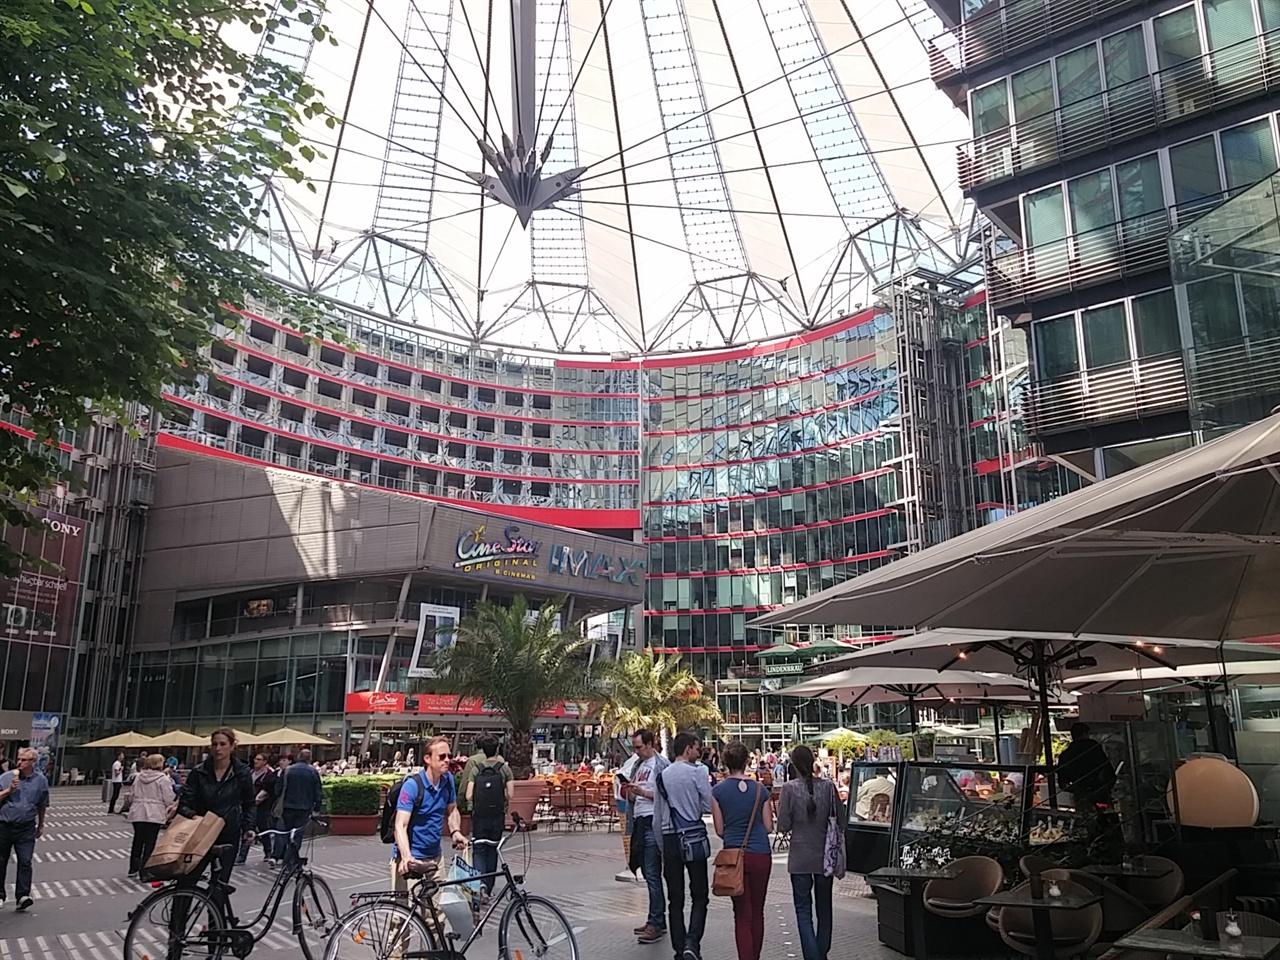 쇼핑몰과 극장, 국제 회의장 등이 모여 있는 소니 센터(Sony Center)의 현 소유주는 한국의 국민연금공단이라 한다.